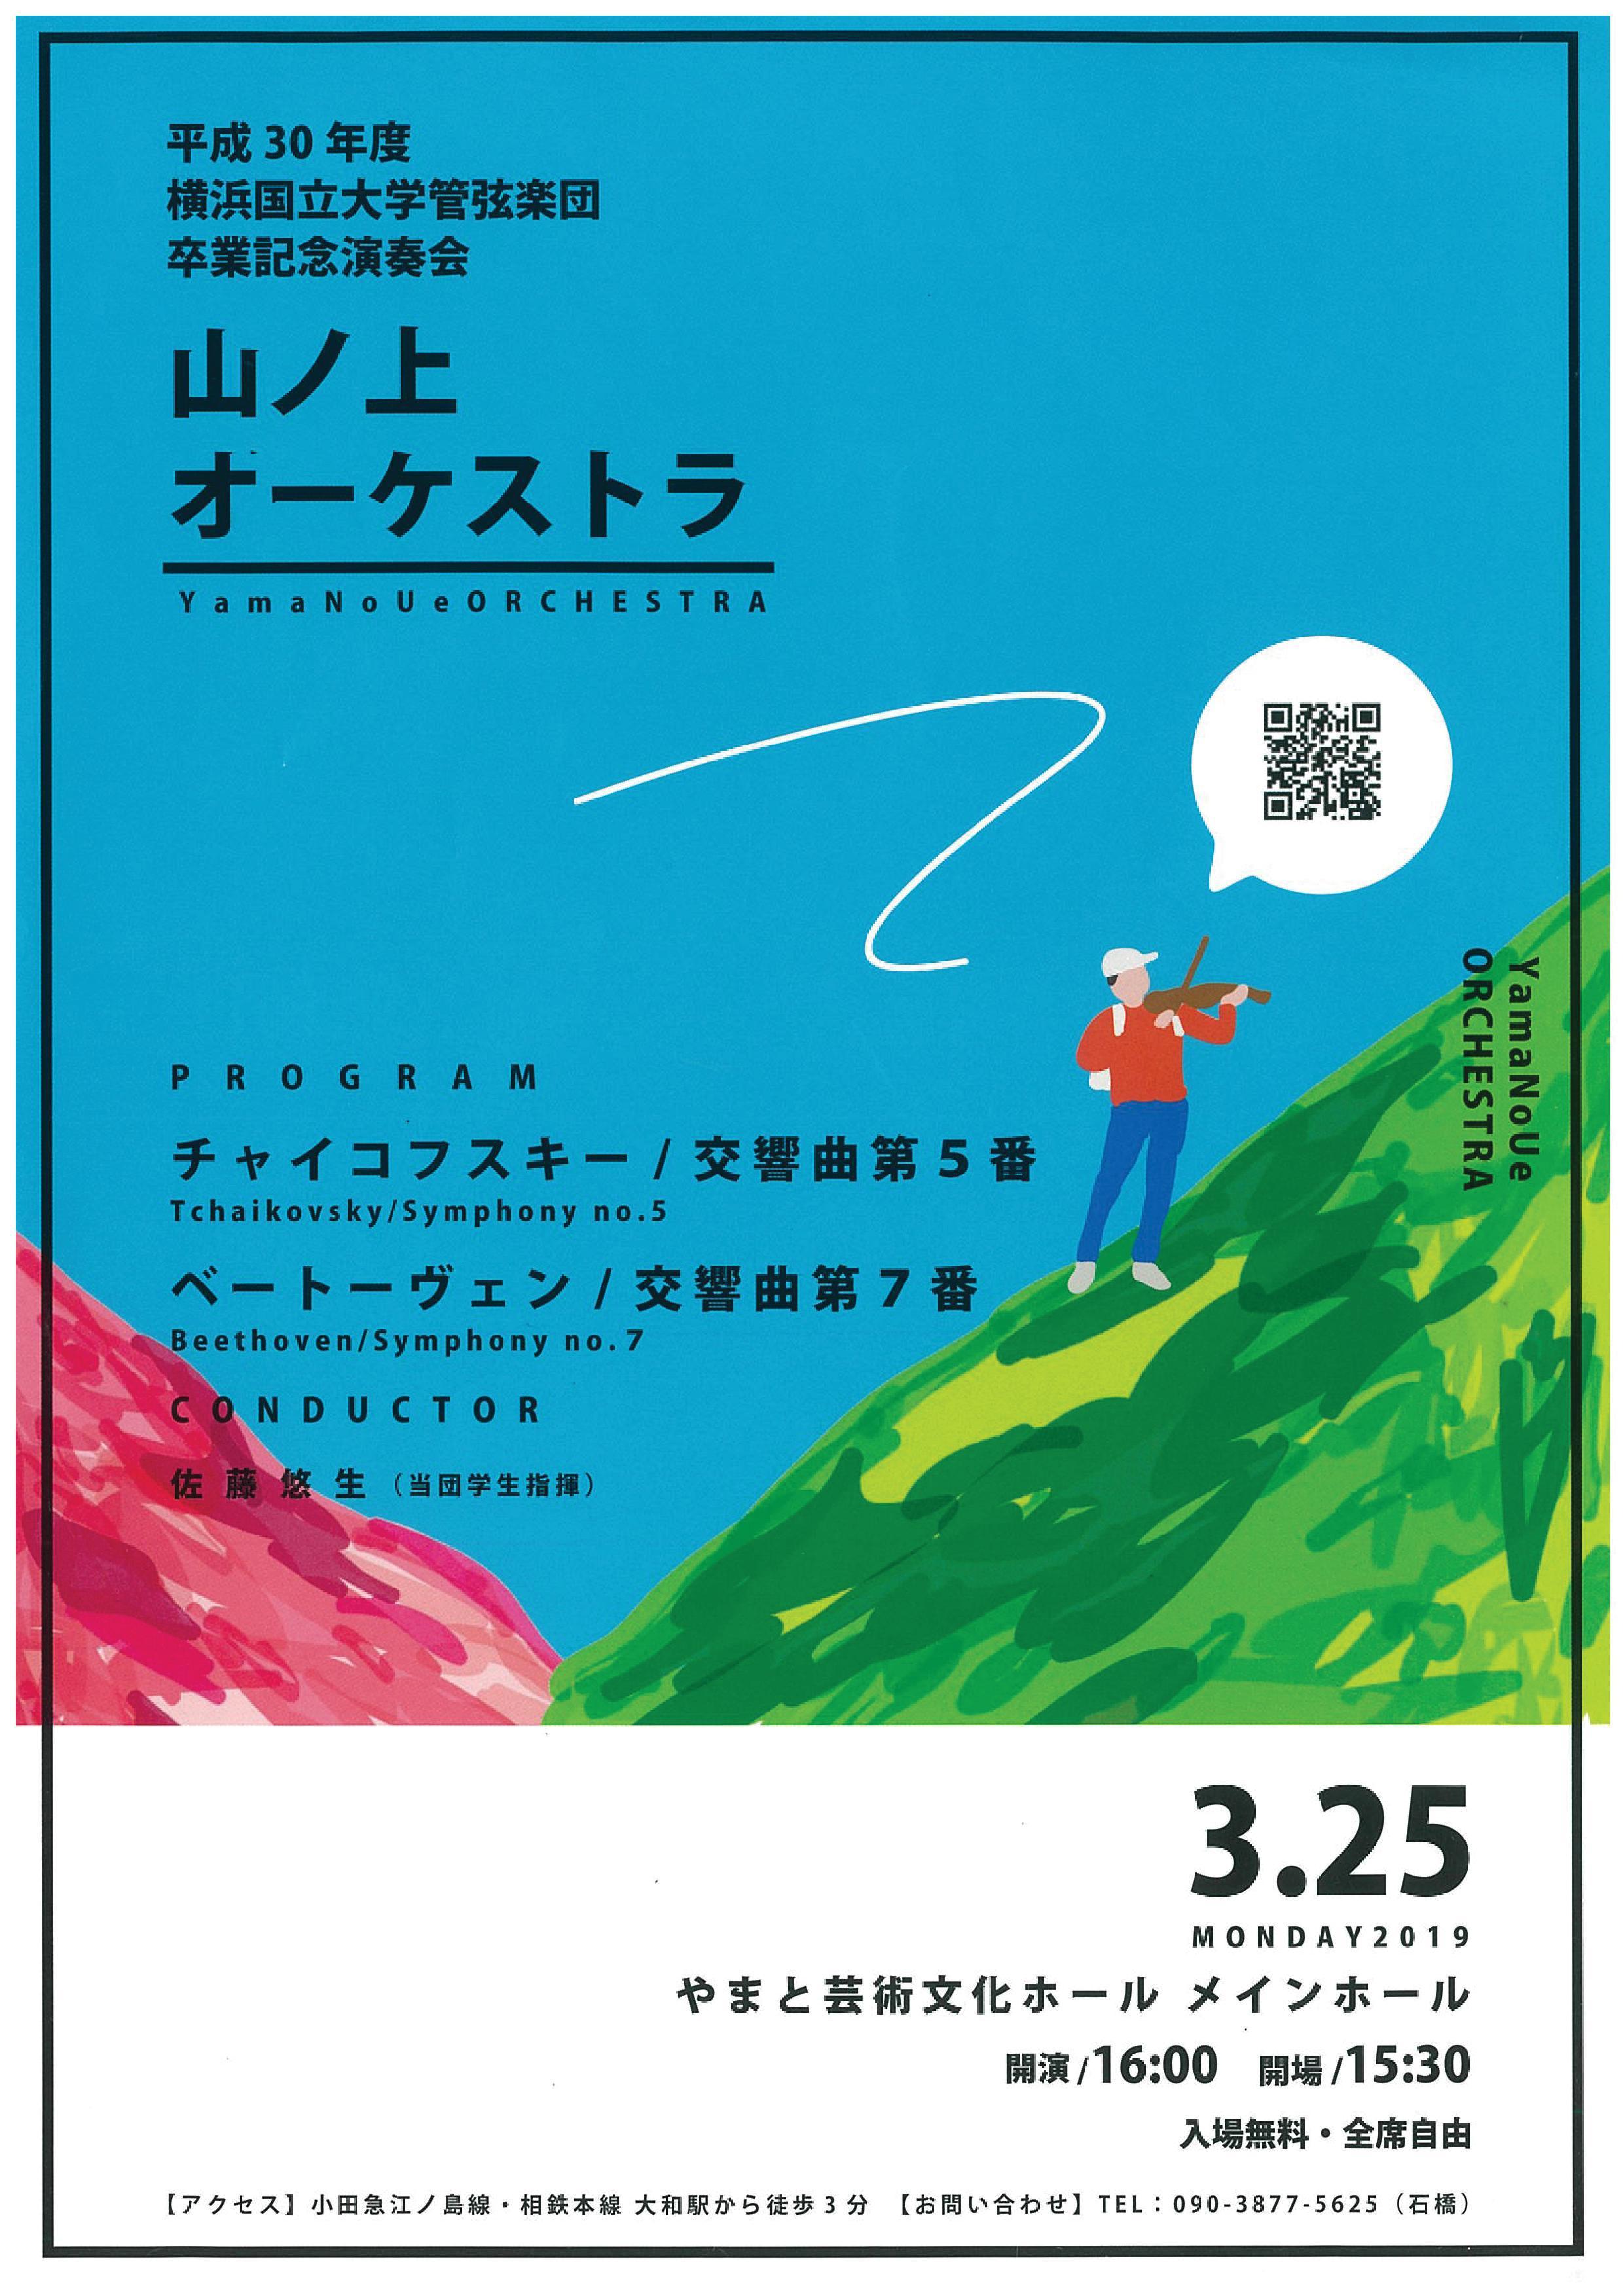 平成30年度 横浜国立大学管弦楽団 卒業記念演奏会